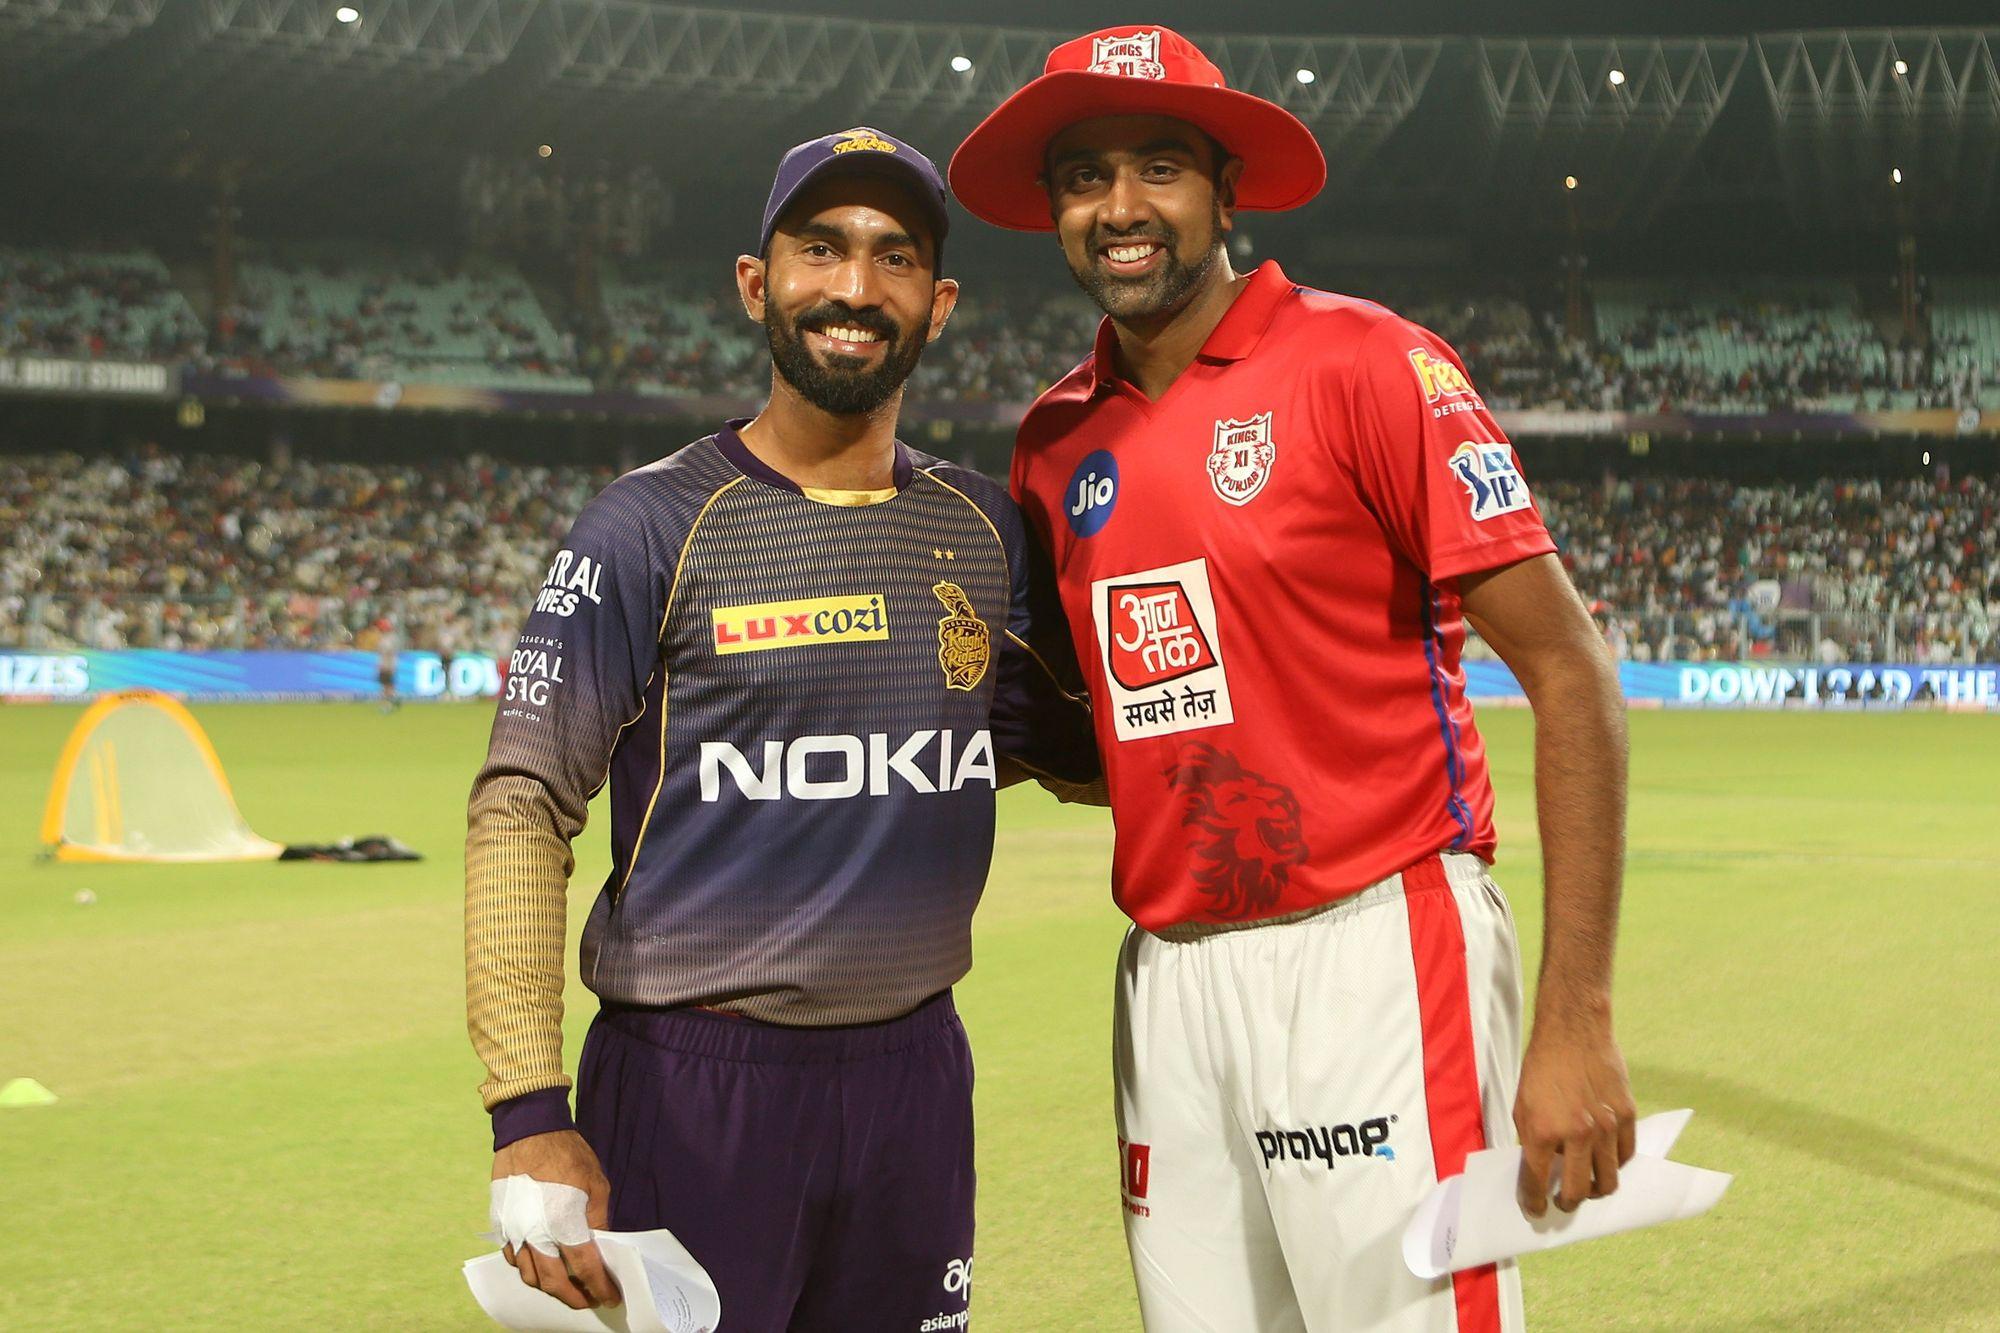 2019 IPL Highlights KXIP vs KKR